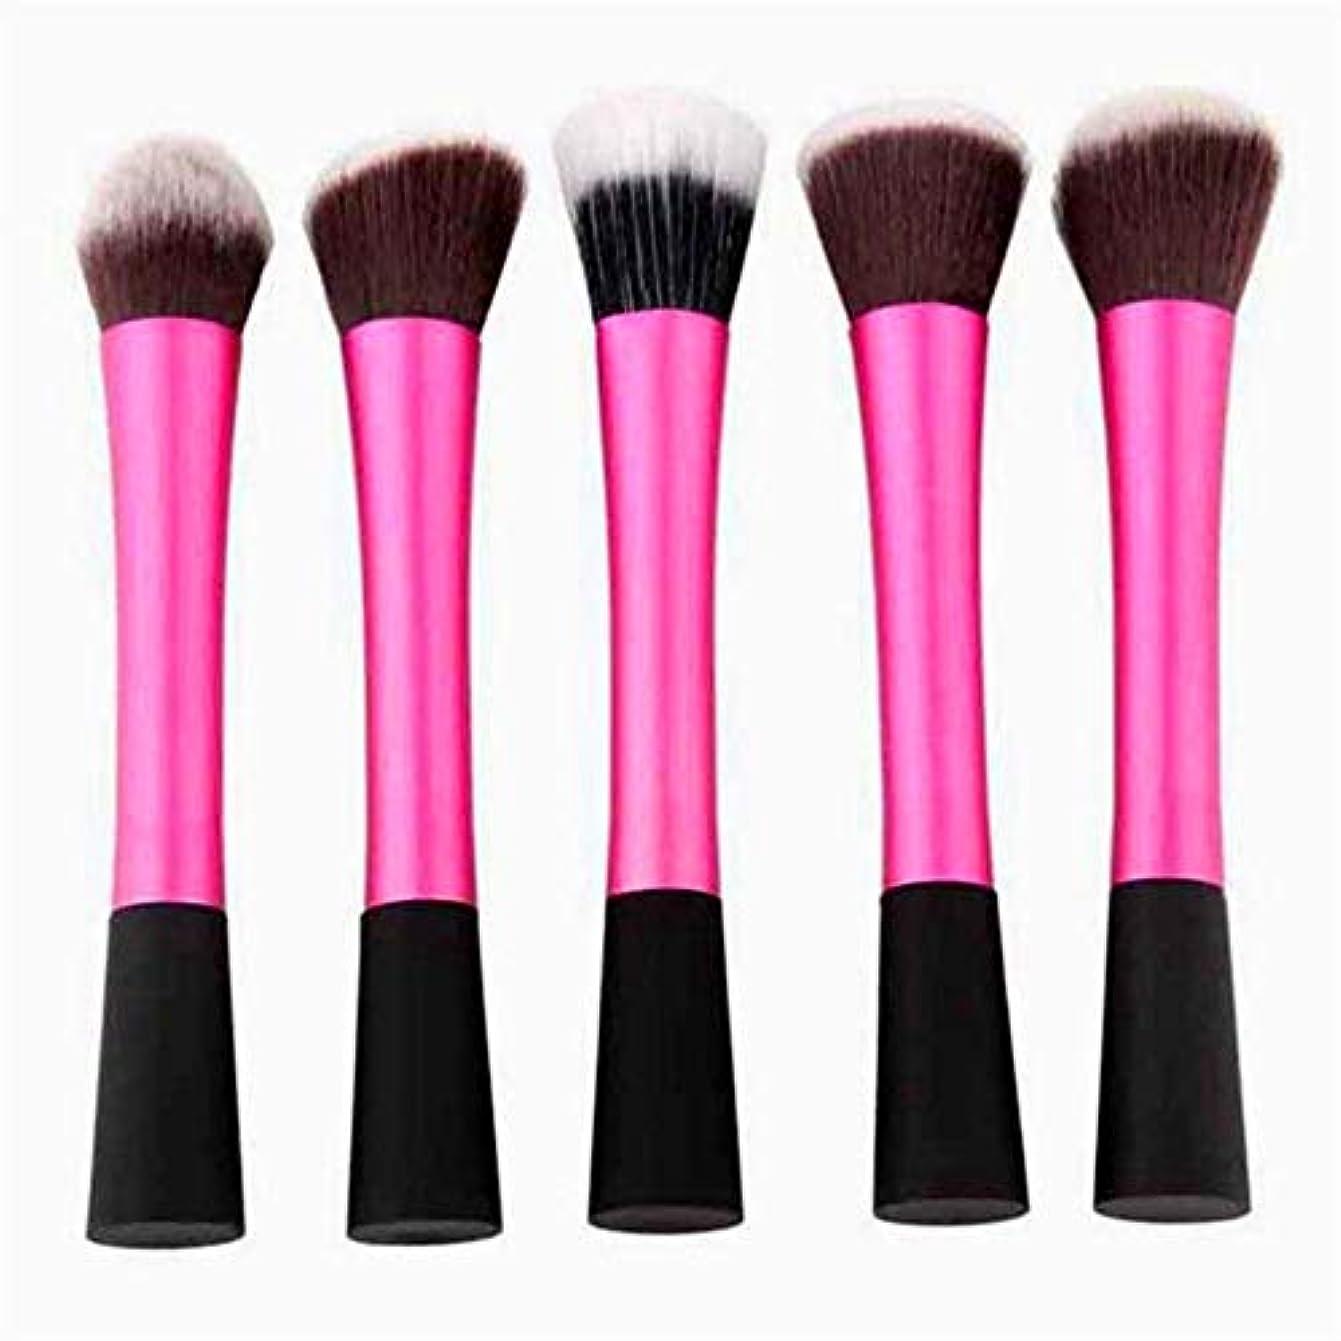 ショートカットクラッチありそうMakeup brushes 5ピースピンクメイクアップブラシセット熟したアイドルパウダーブラシアイシャドウブラシ輪郭ブラシ suits (Color : Pink)